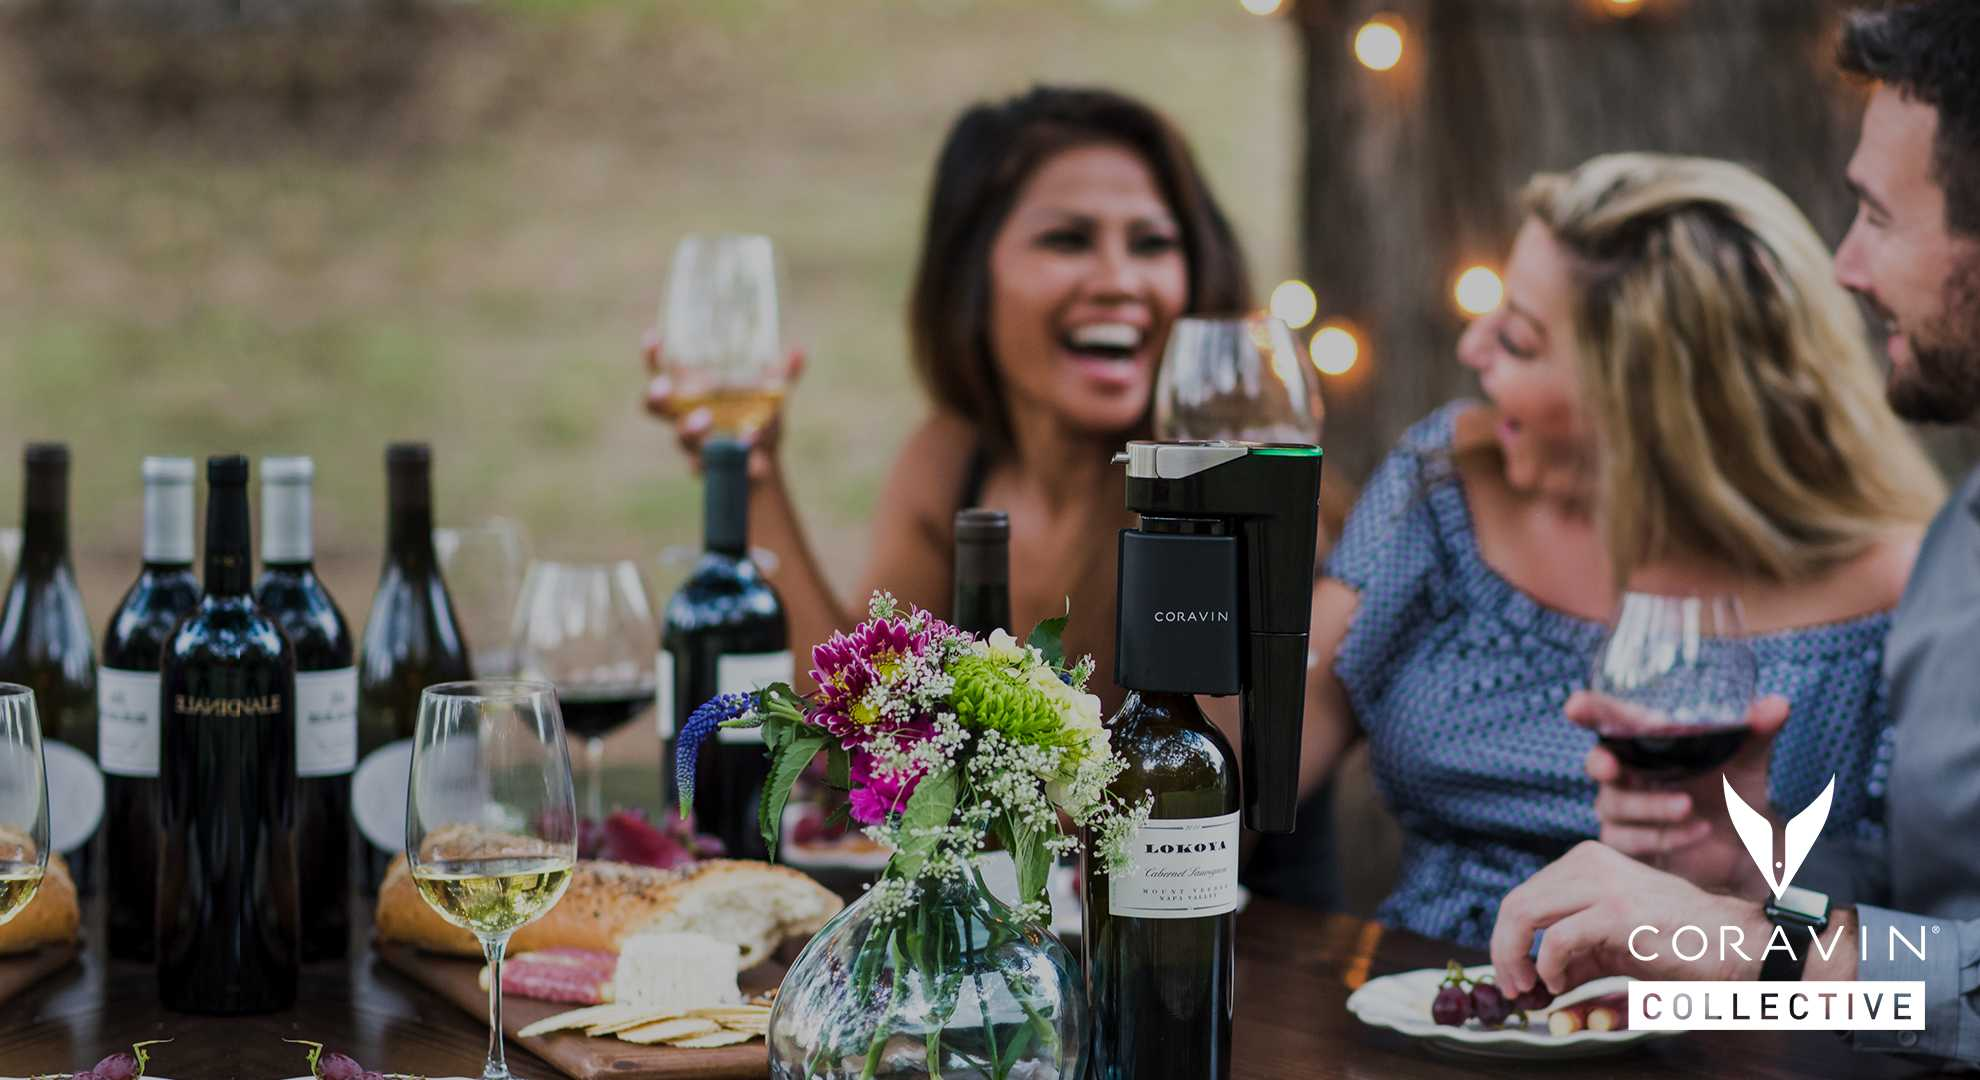 Vrienden die een Coravin gebruiken om buiten aan een picknicktafel rode en witte wijn te drinken.